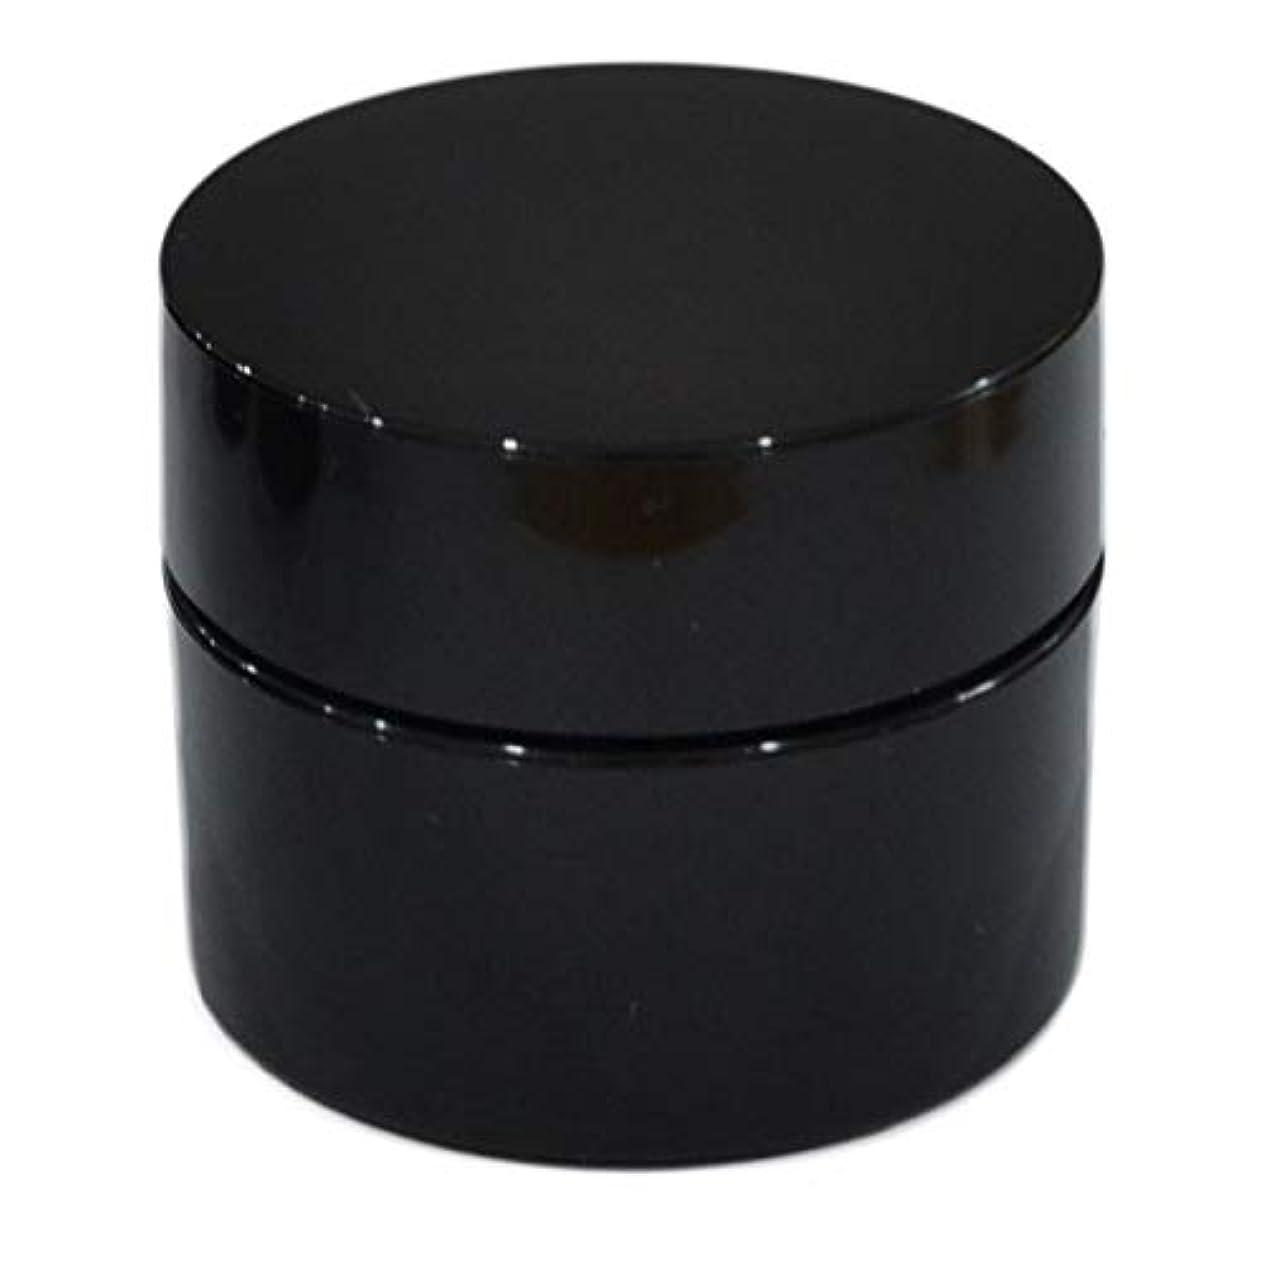 腐敗お客様懲戒純国産ネイルジェル用コンテナ 10g用GA10g 漏れ防止パッキン&ブラシプレート付容器 ジェルを無駄なく使える底面傾斜あり 遮光 黒 ブラック